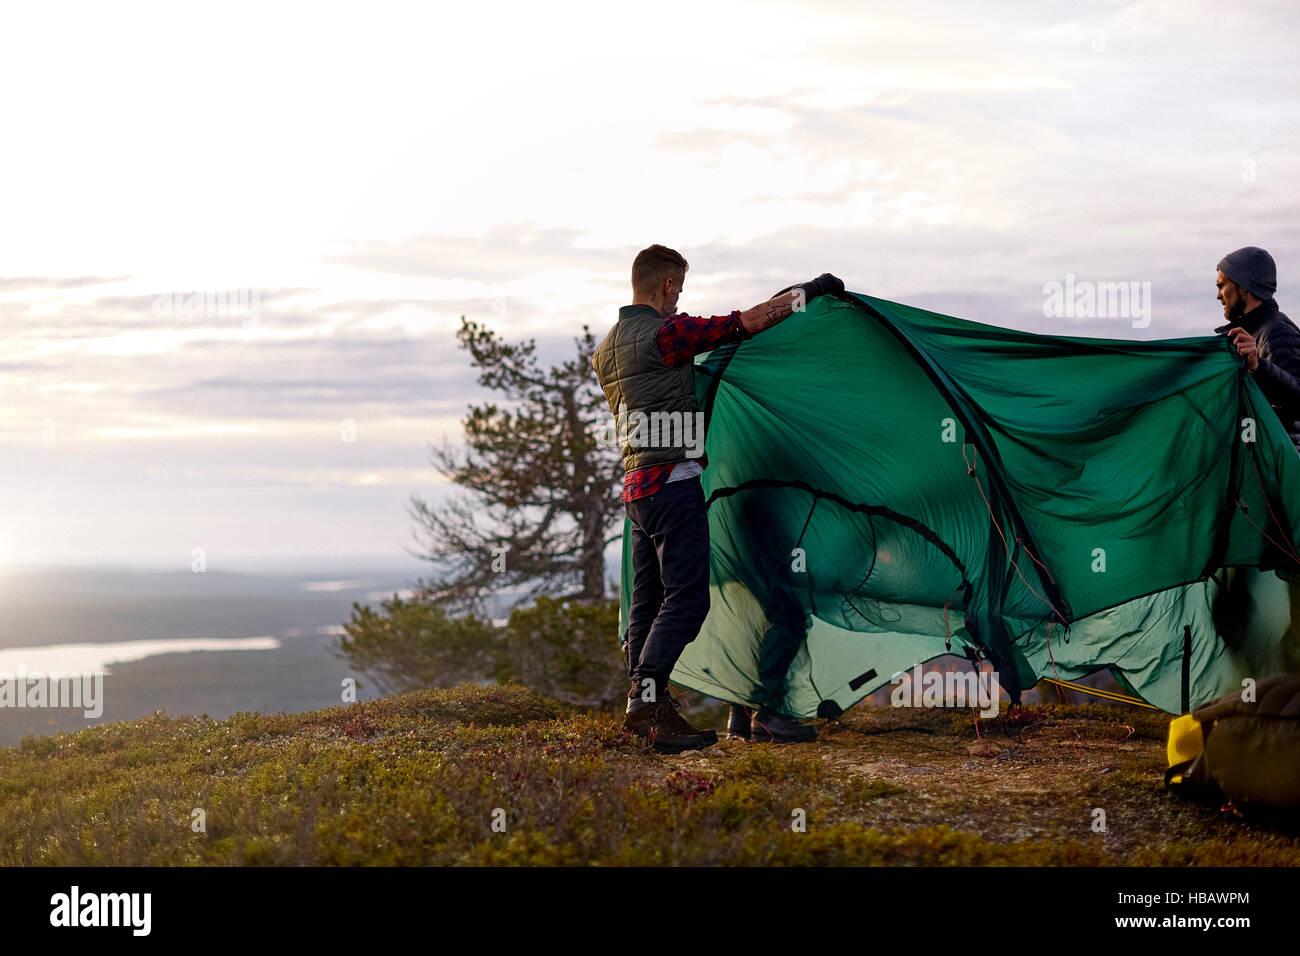 Les randonneurs mise en place tente sur colline, Keimiotunturi, Laponie, Finlande Photo Stock